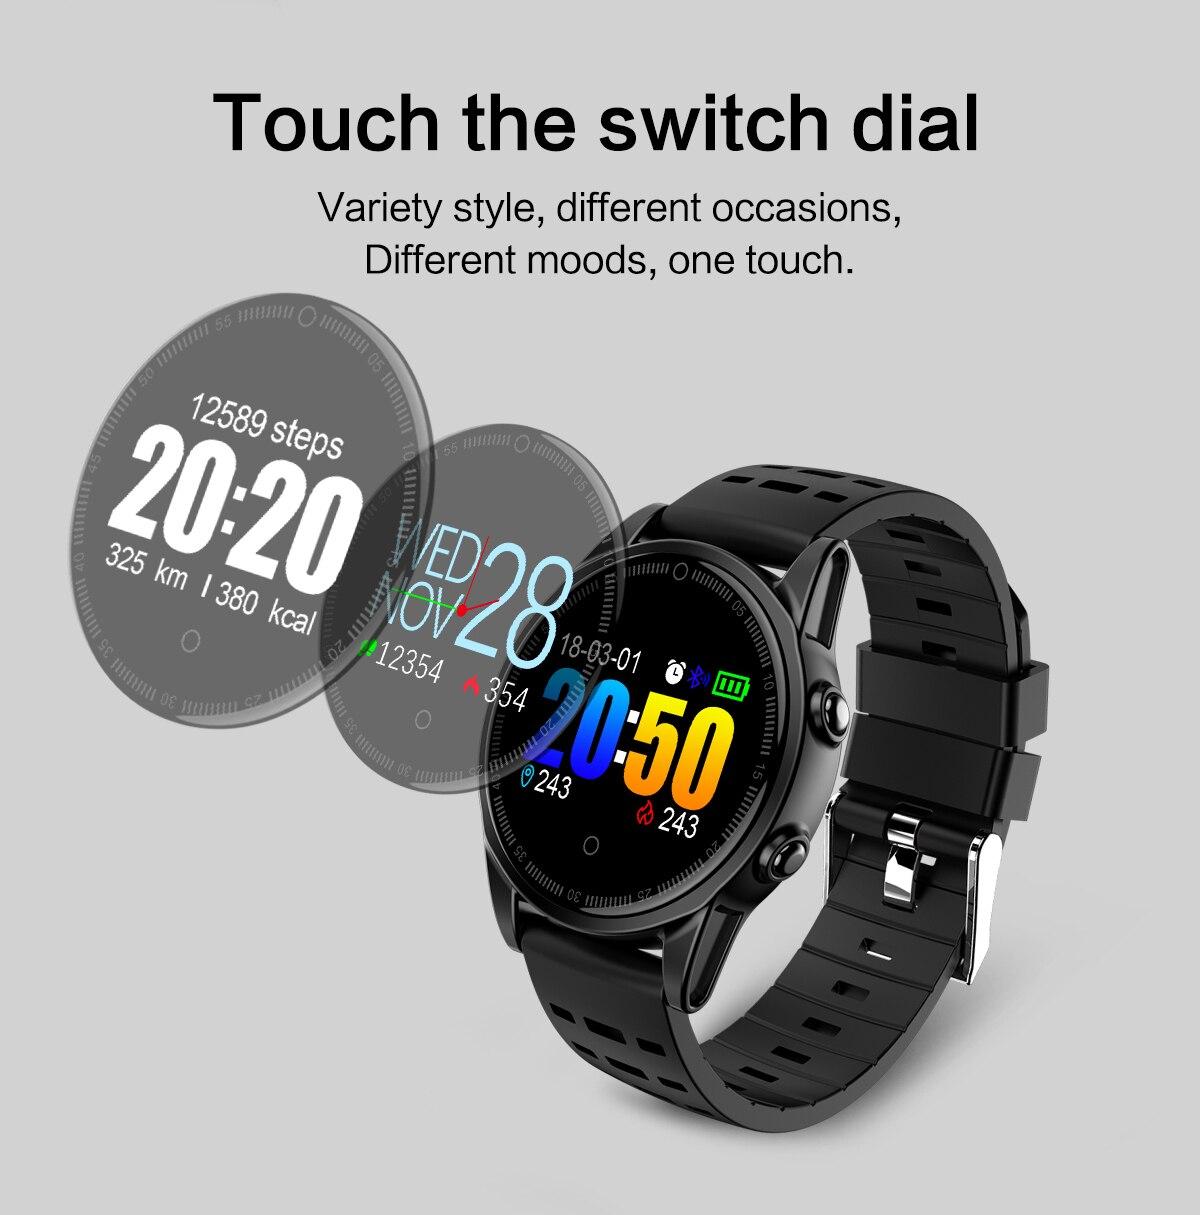 R13 de Remise En Forme Intelligente Bracelet Sport Montre Smart Watch Bande OLED Écran Couleur FIT Moniteur de Fréquence Cardiaque De Massage Intelligent Bracelet Android IOS